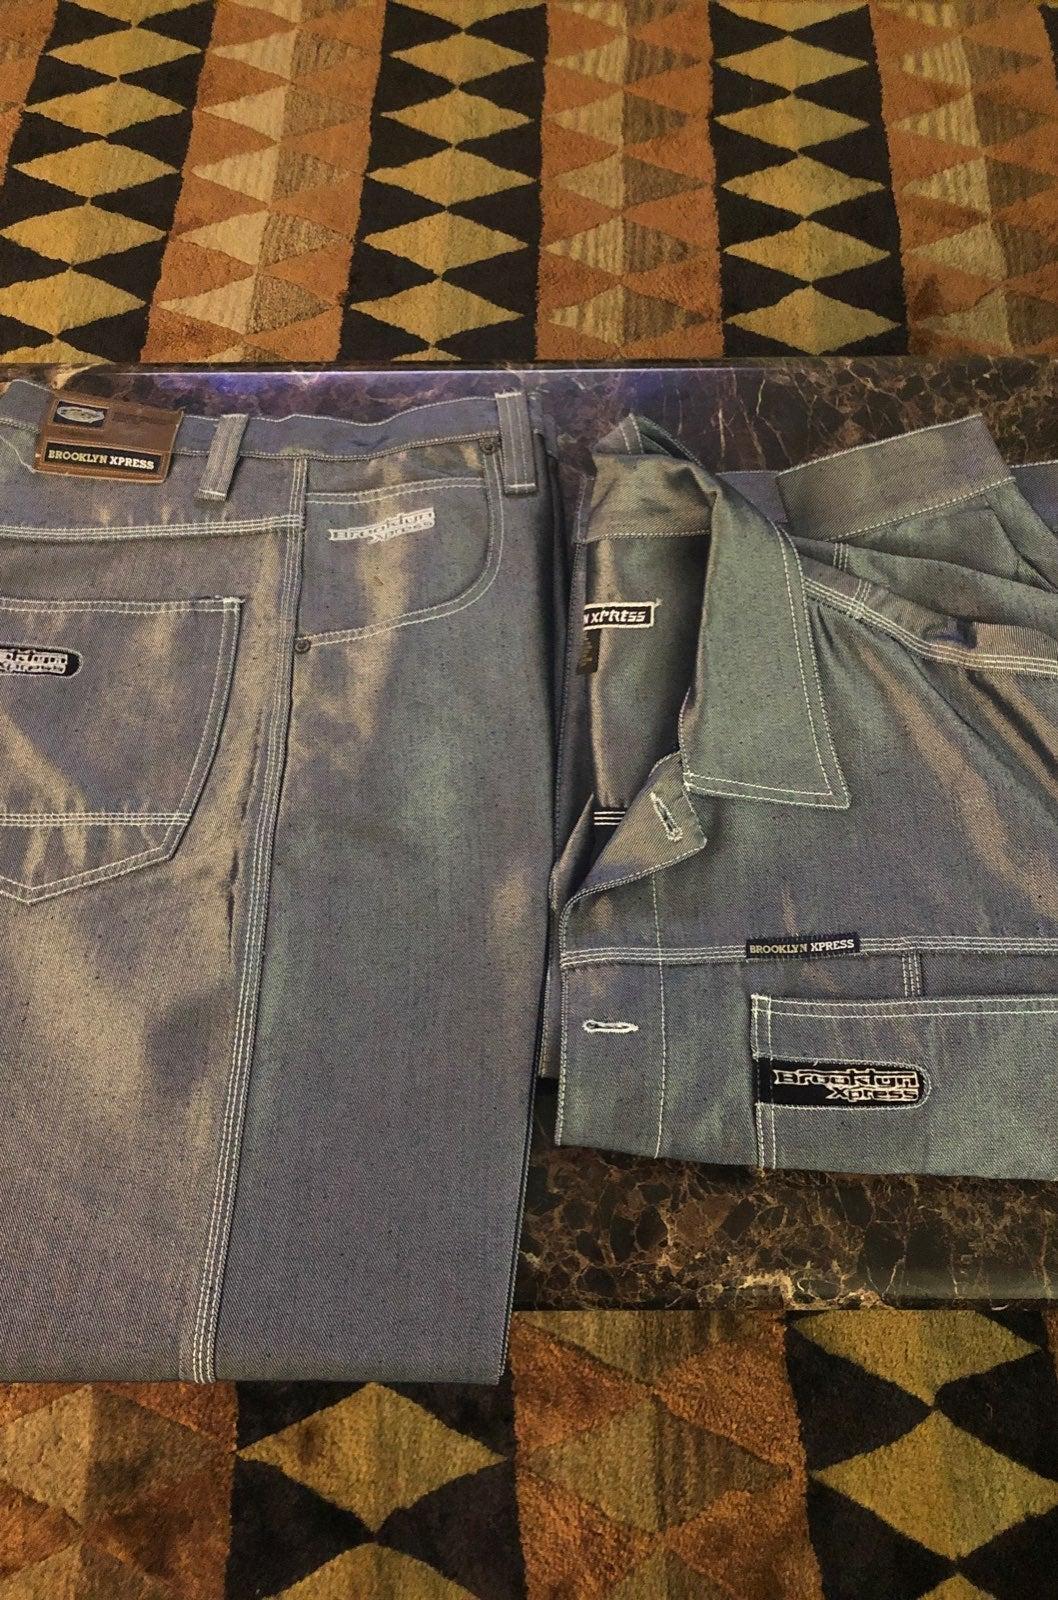 Brooklyn Express Men's Jean Suit